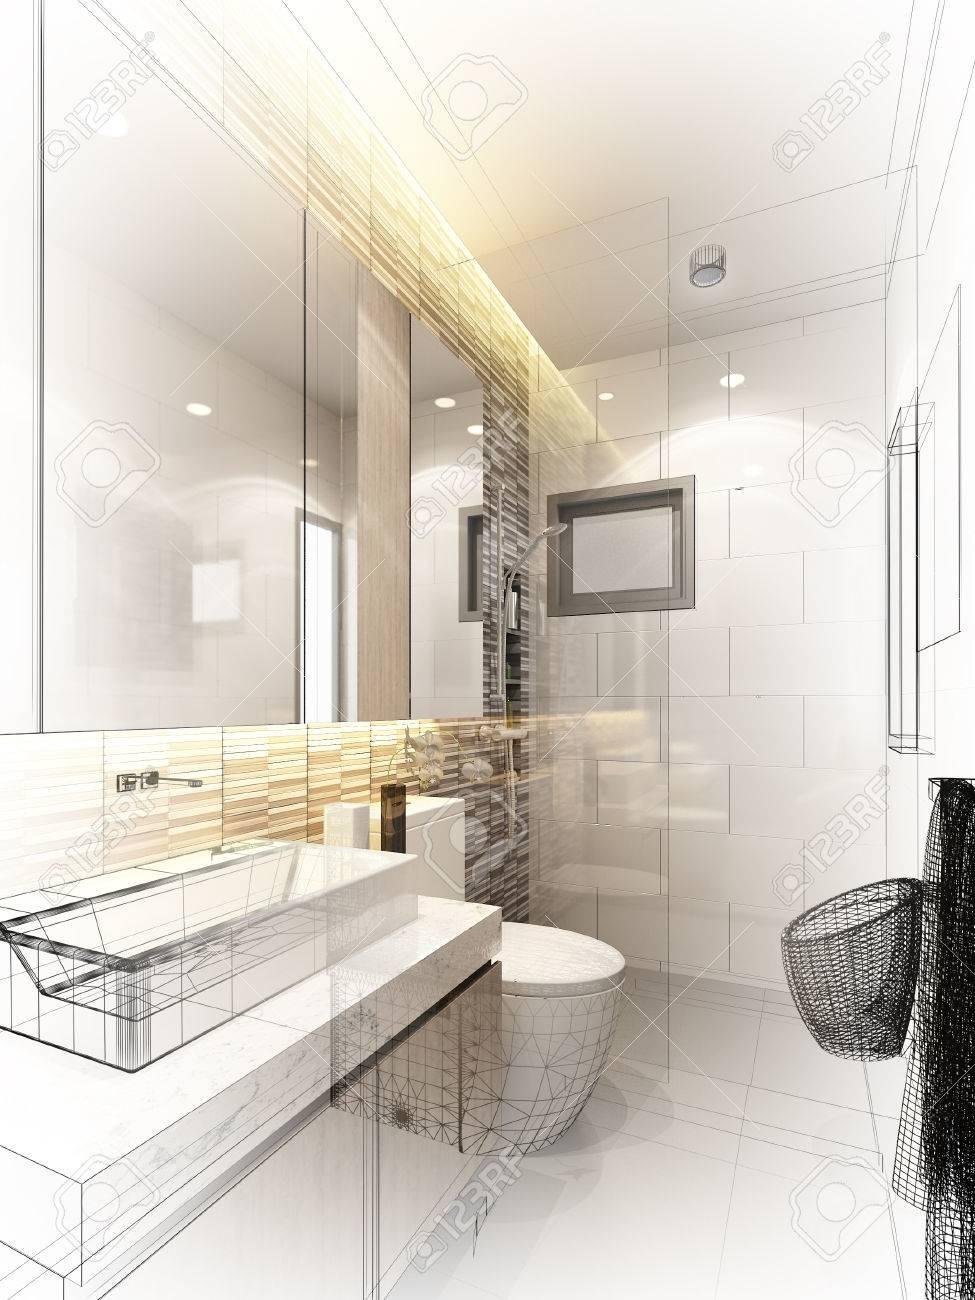 abstract sketch design of interior bathroom - 43118765